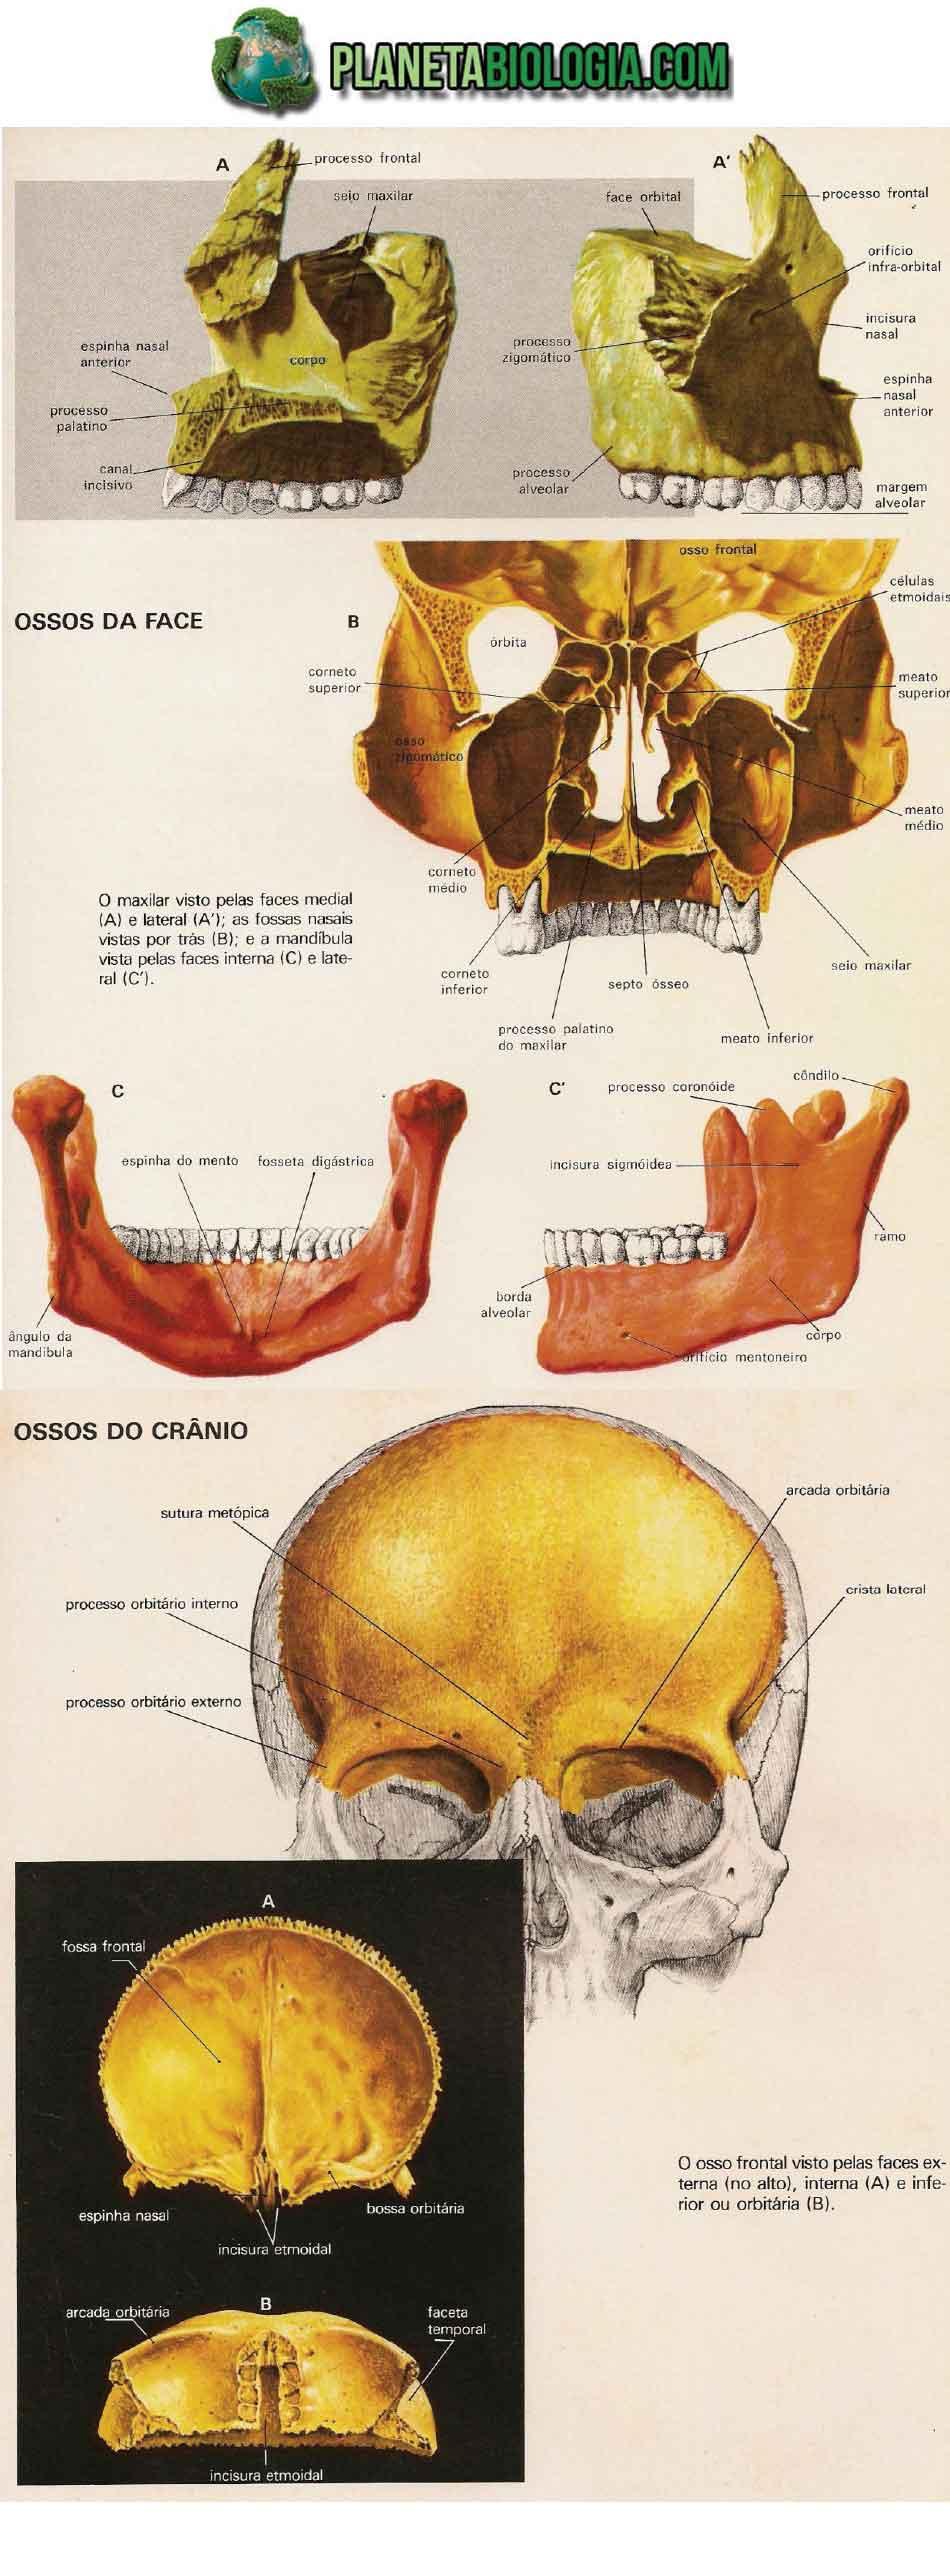 Ossos da cabeça humana